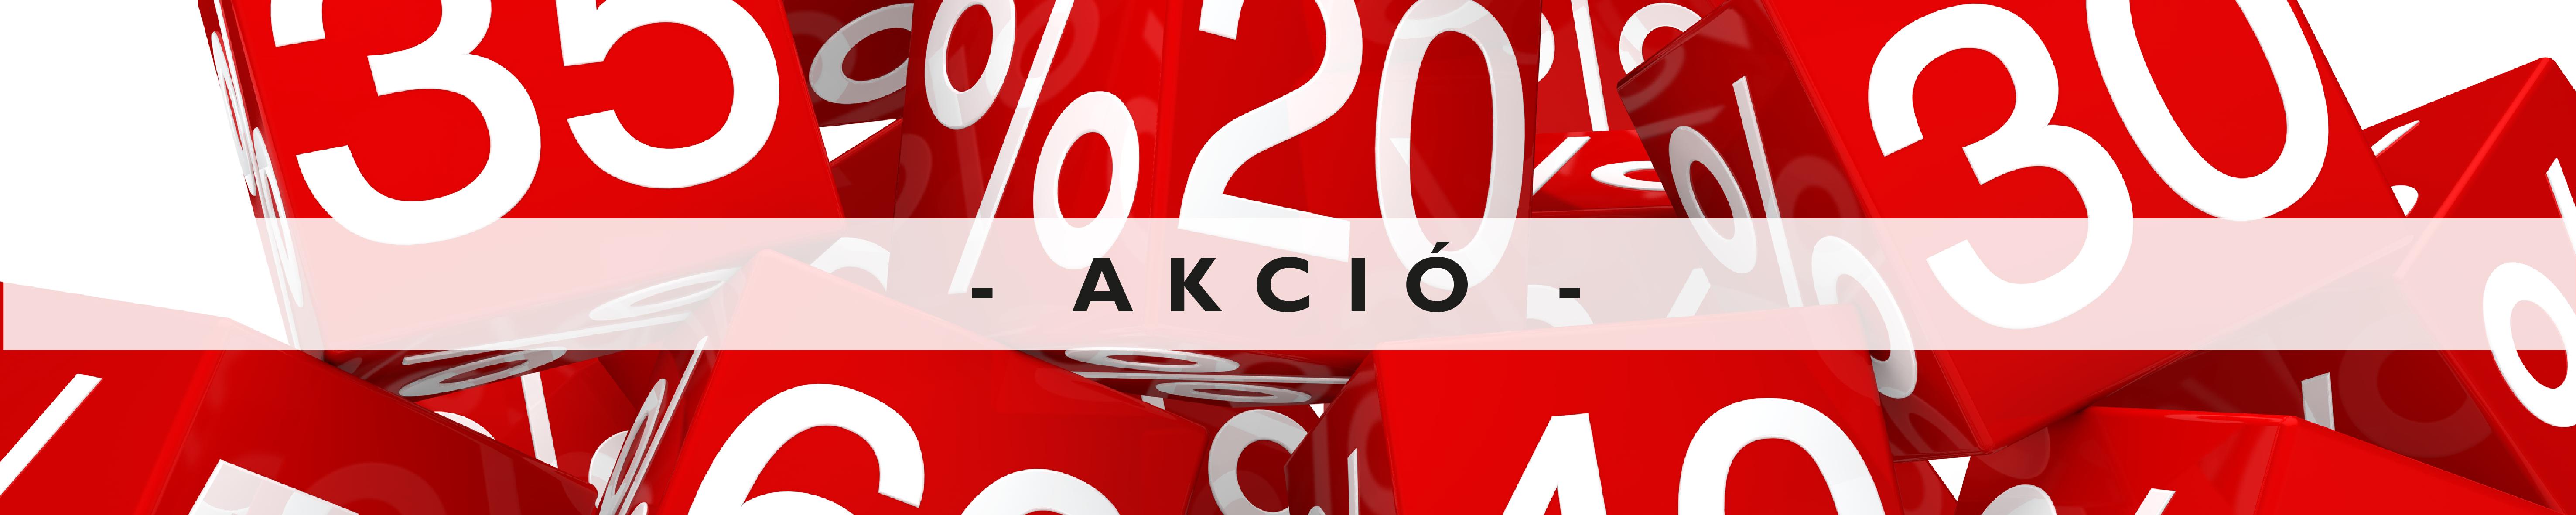 akcio-02